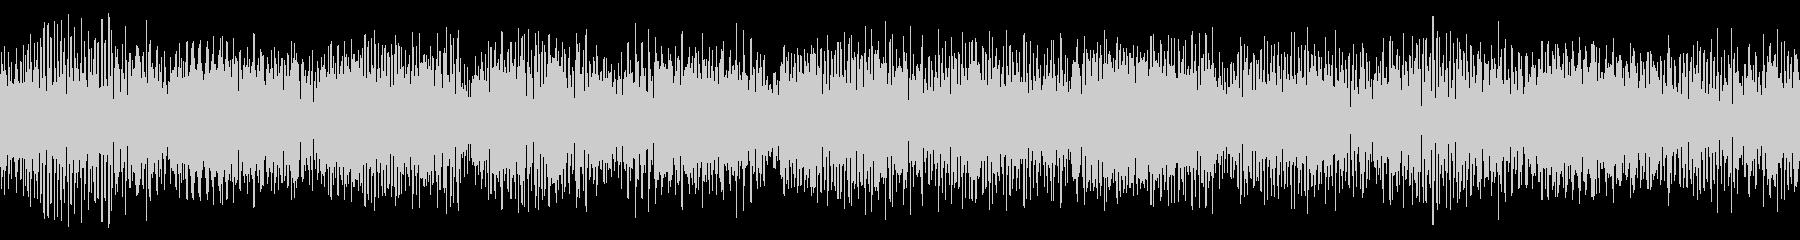 SNES レース02-02(エンジン ルの未再生の波形